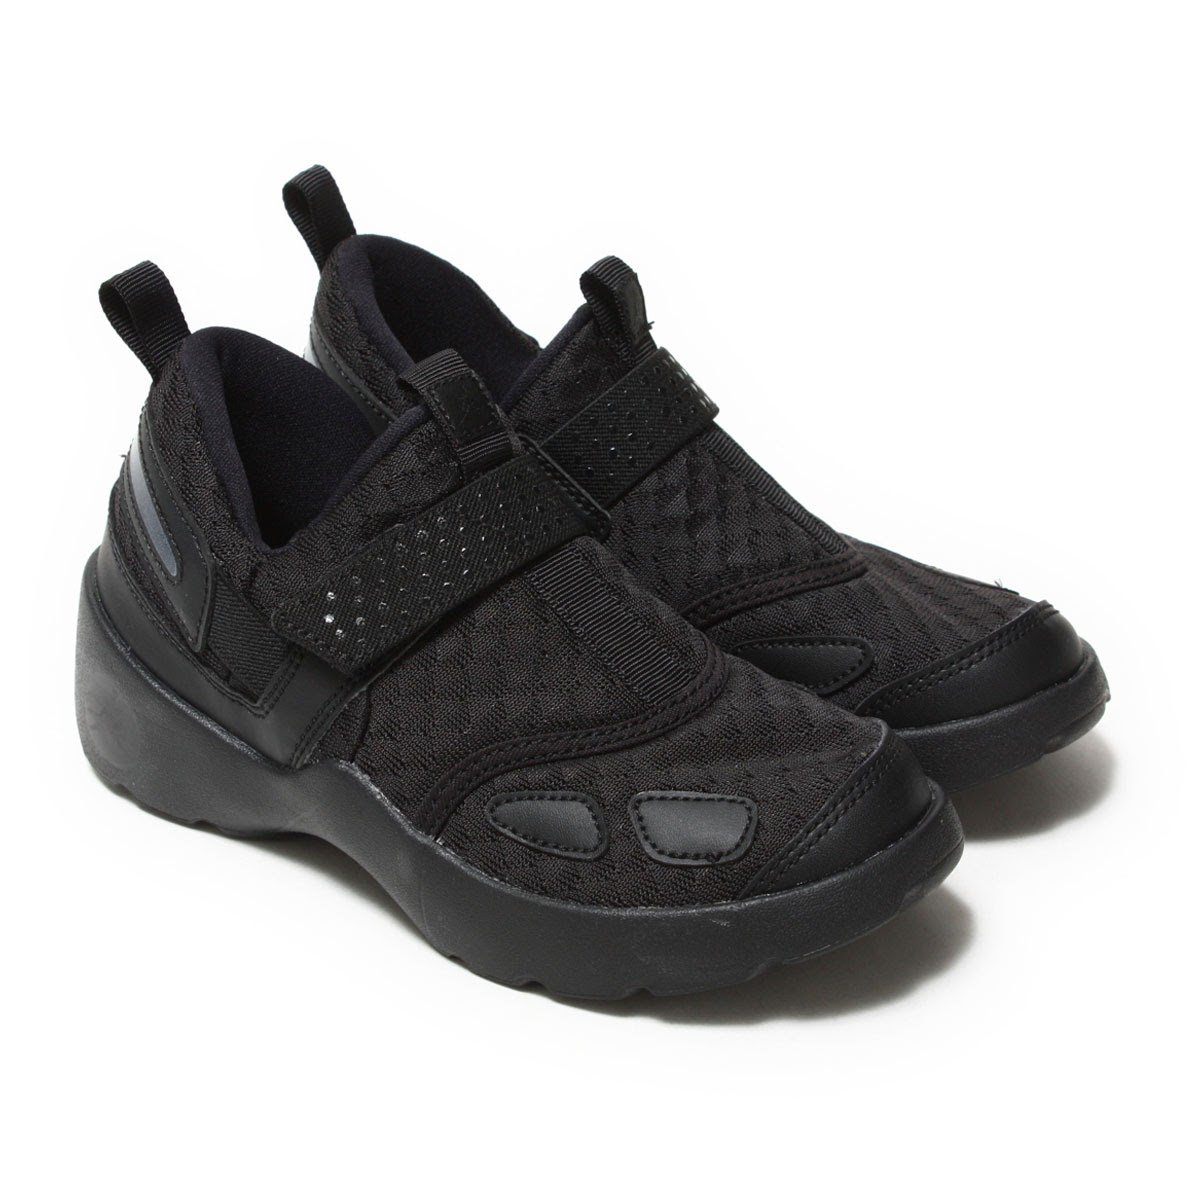 Nike Jordan Trunner LX BP Youth 898000 020 Black (3 Little Kid M)